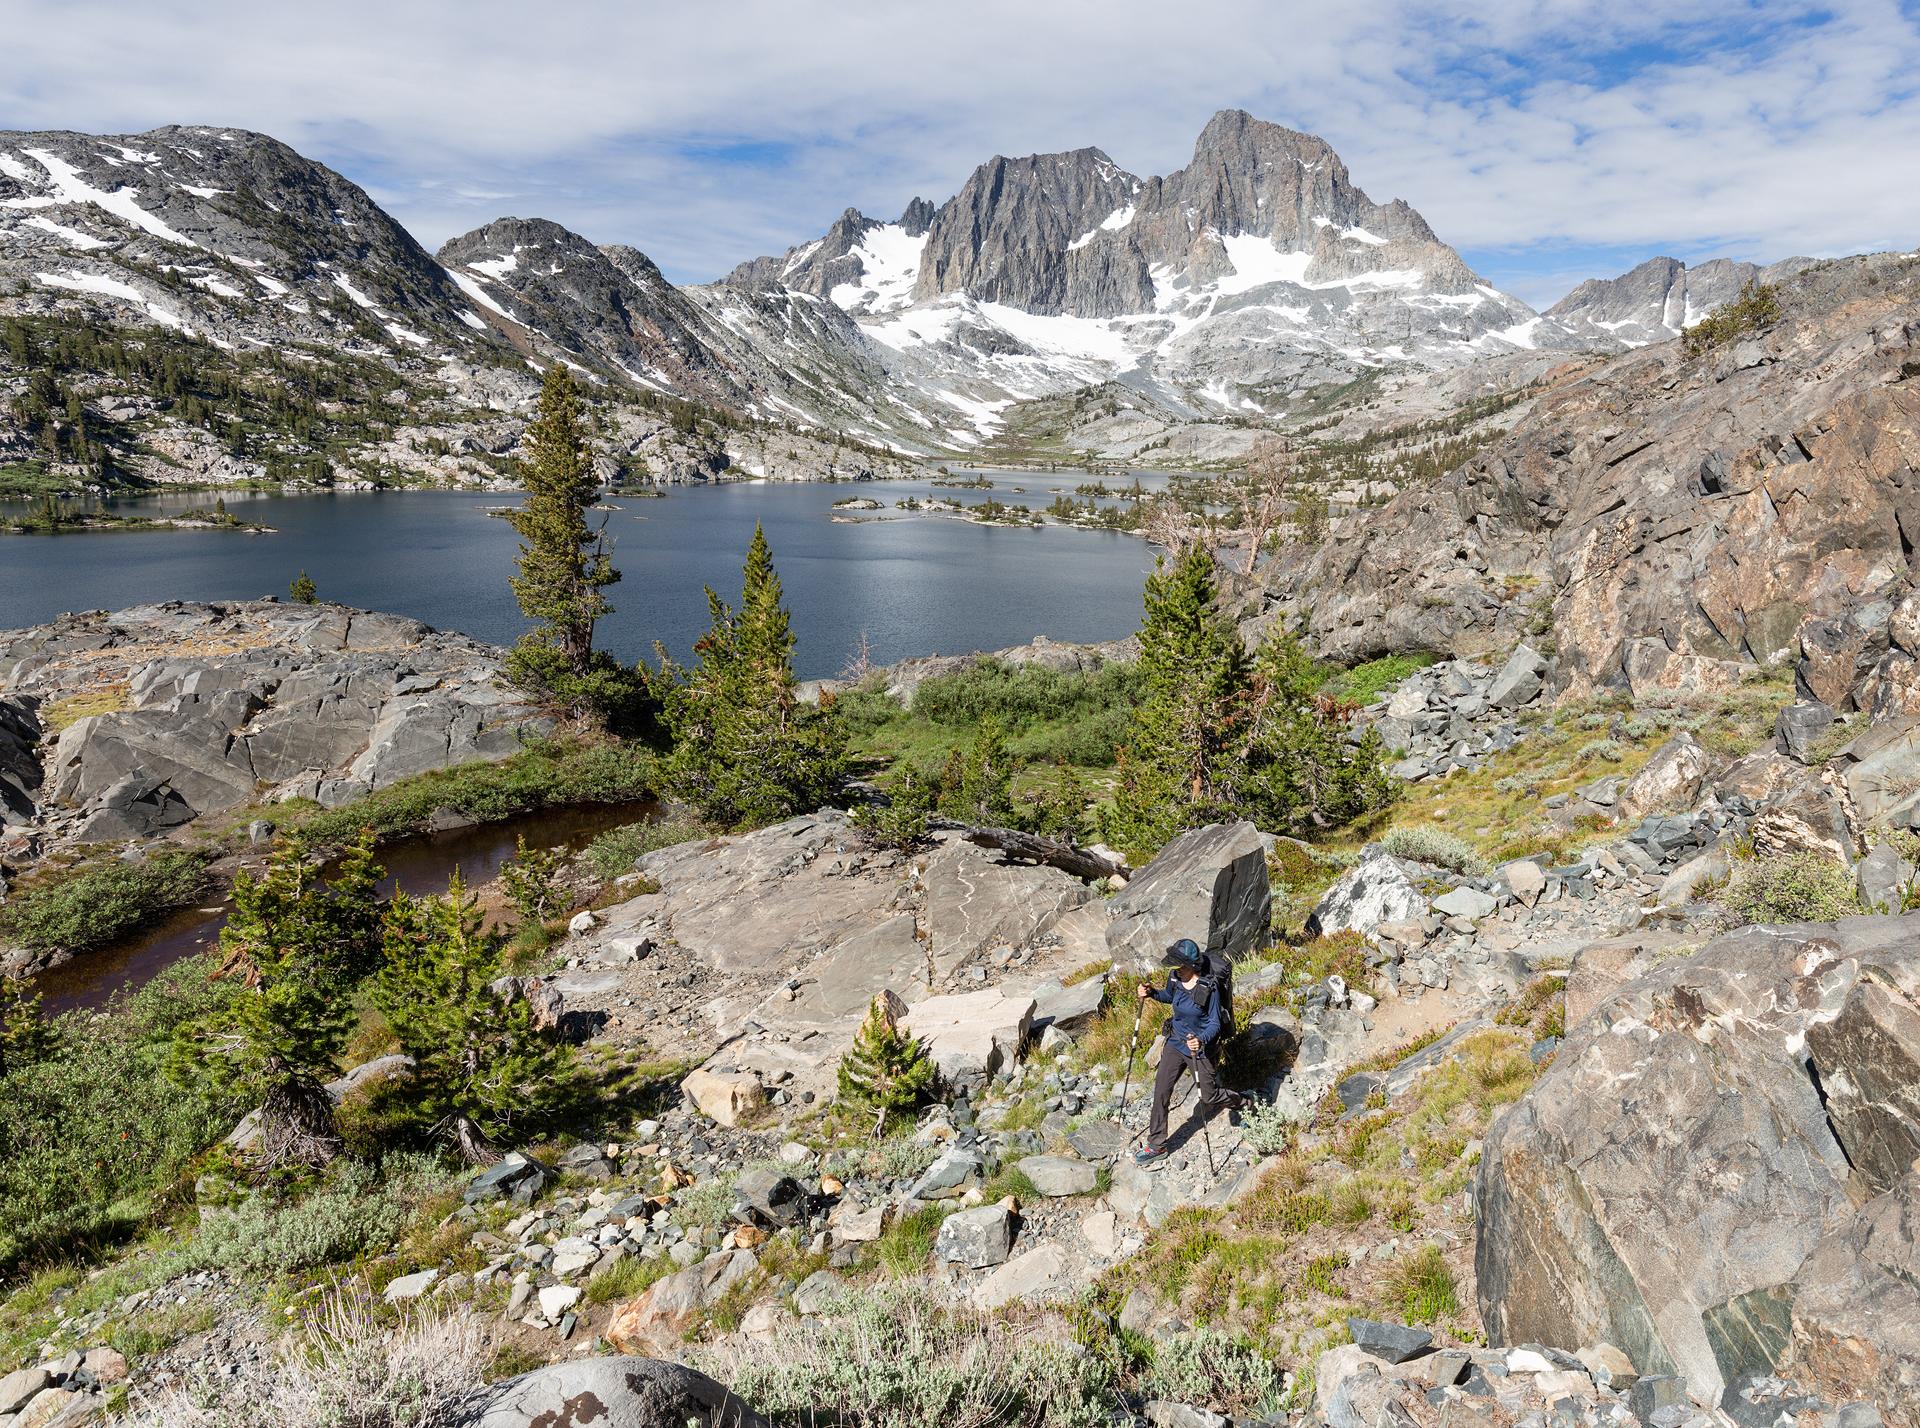 Descending the trail towards Garnet Lake